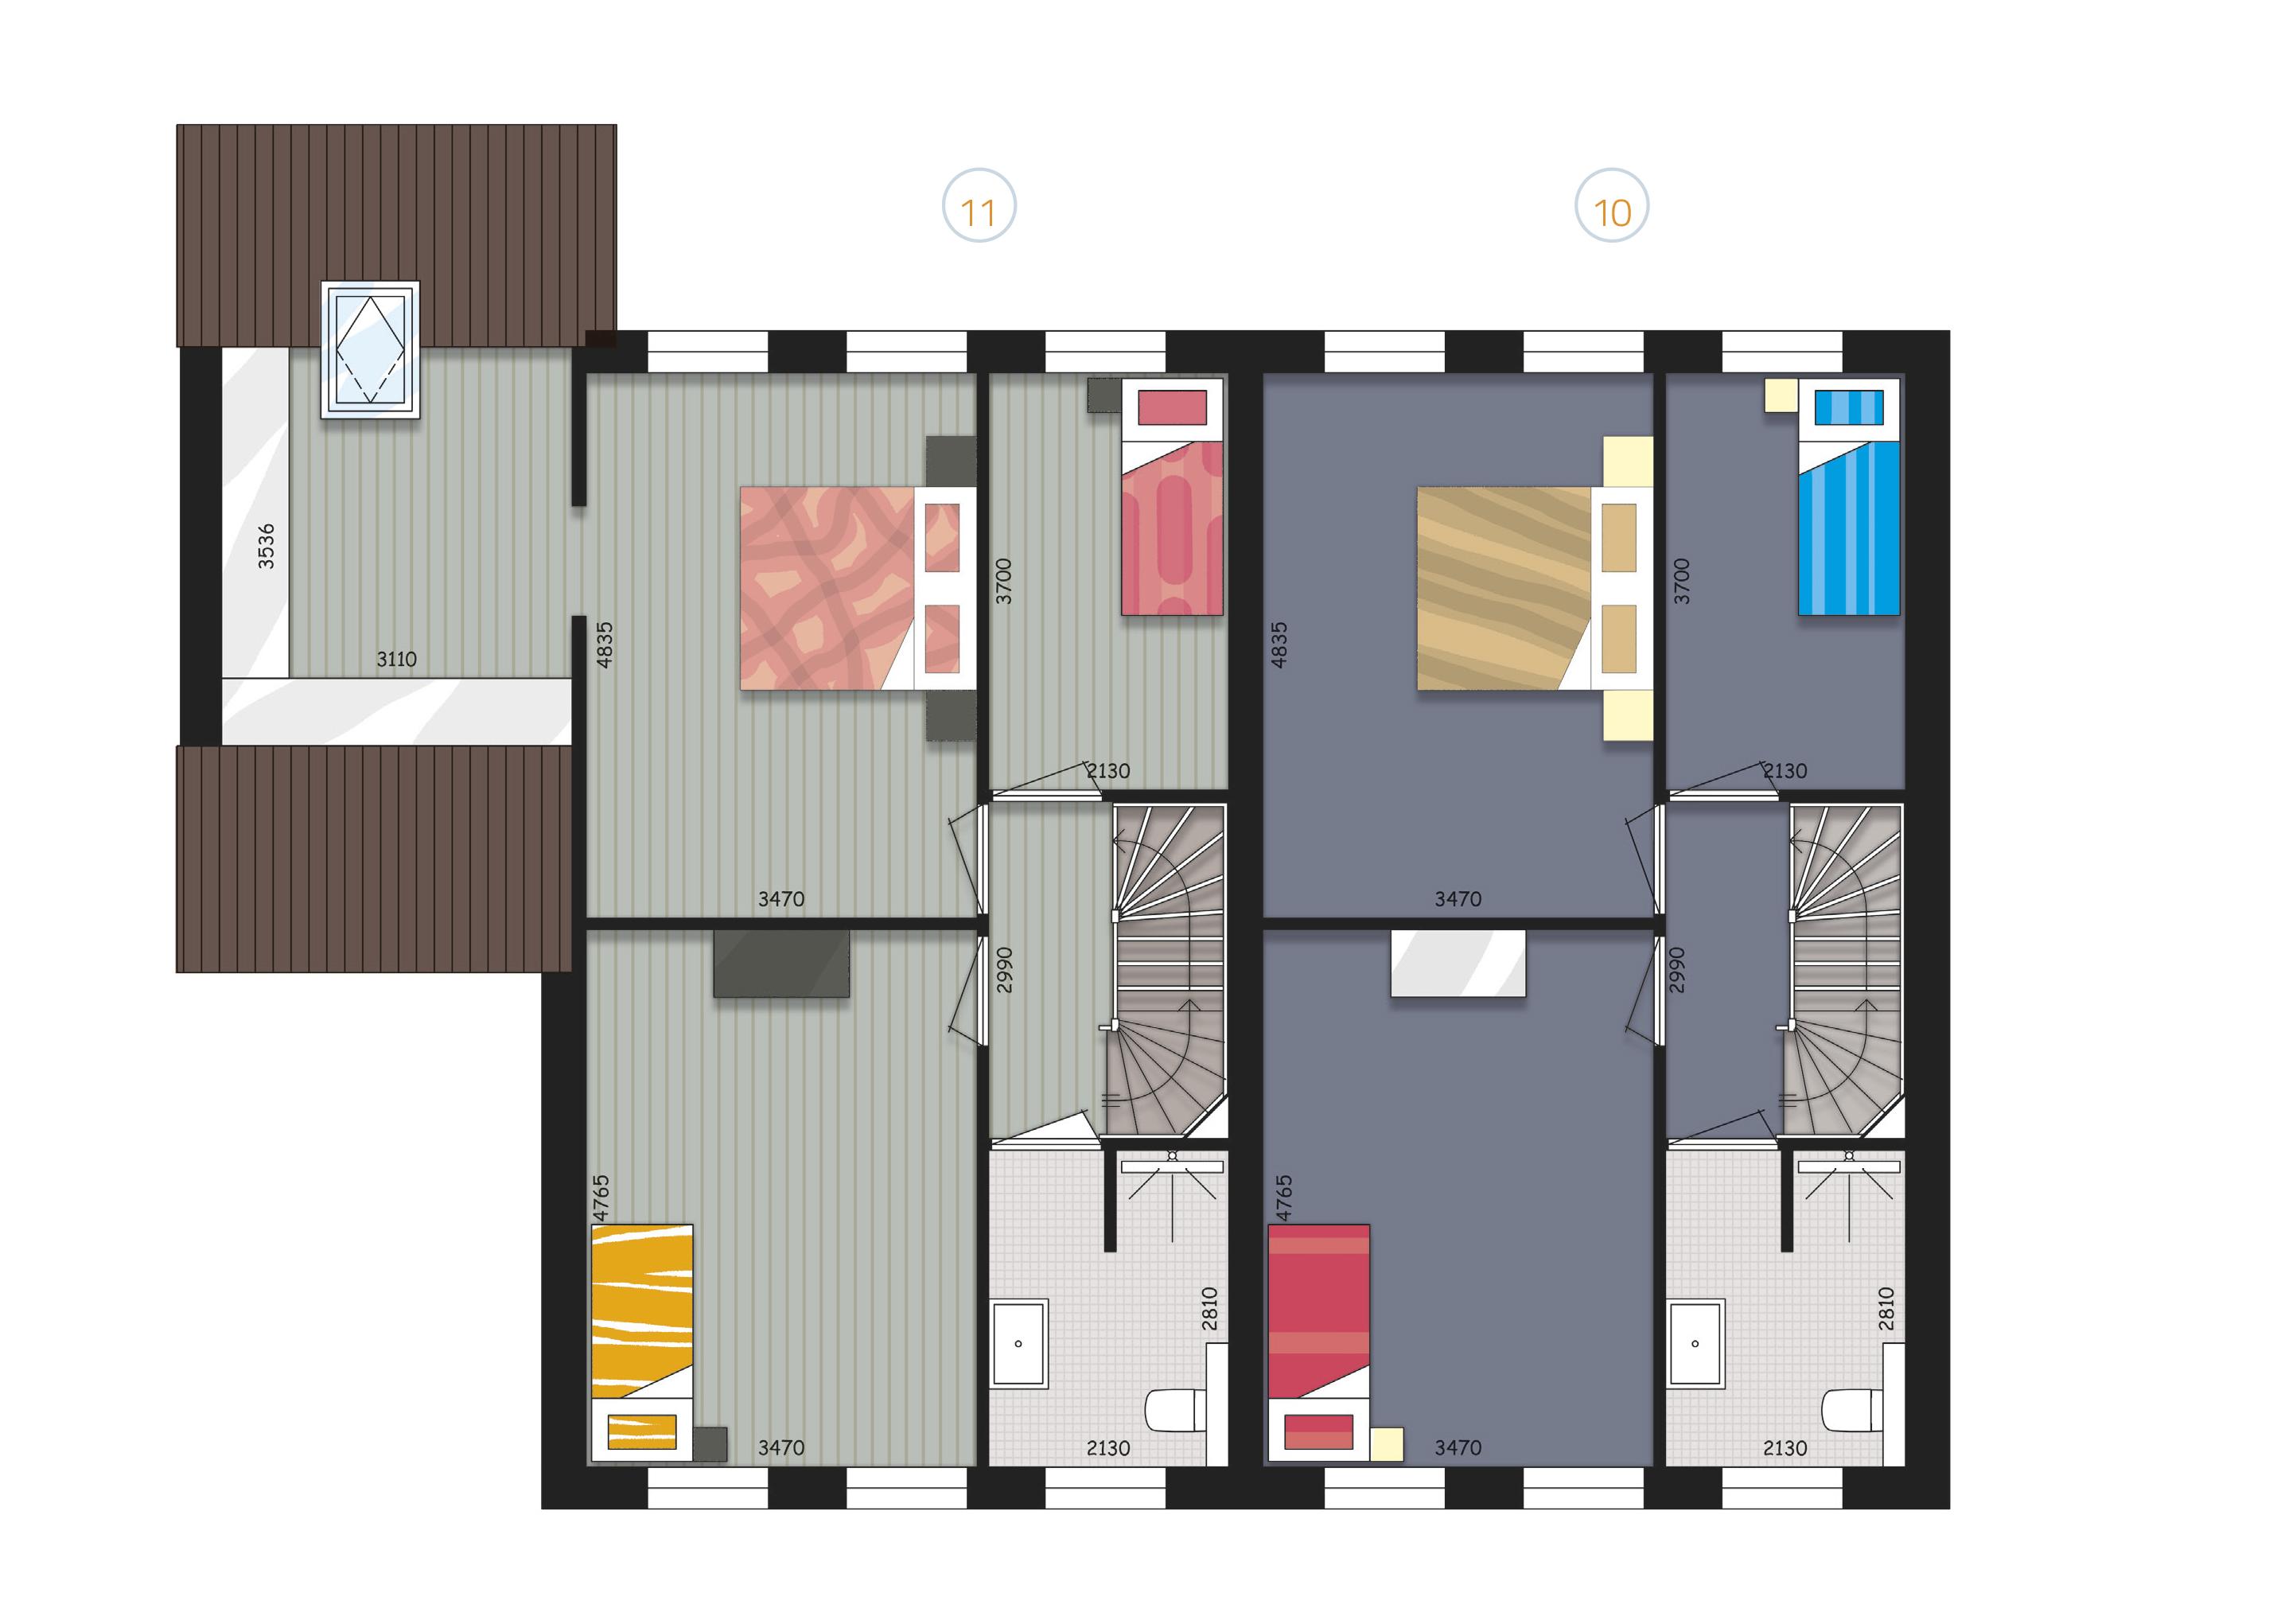 Verdieping Blok Csp - Zijderlaan Polsbroek